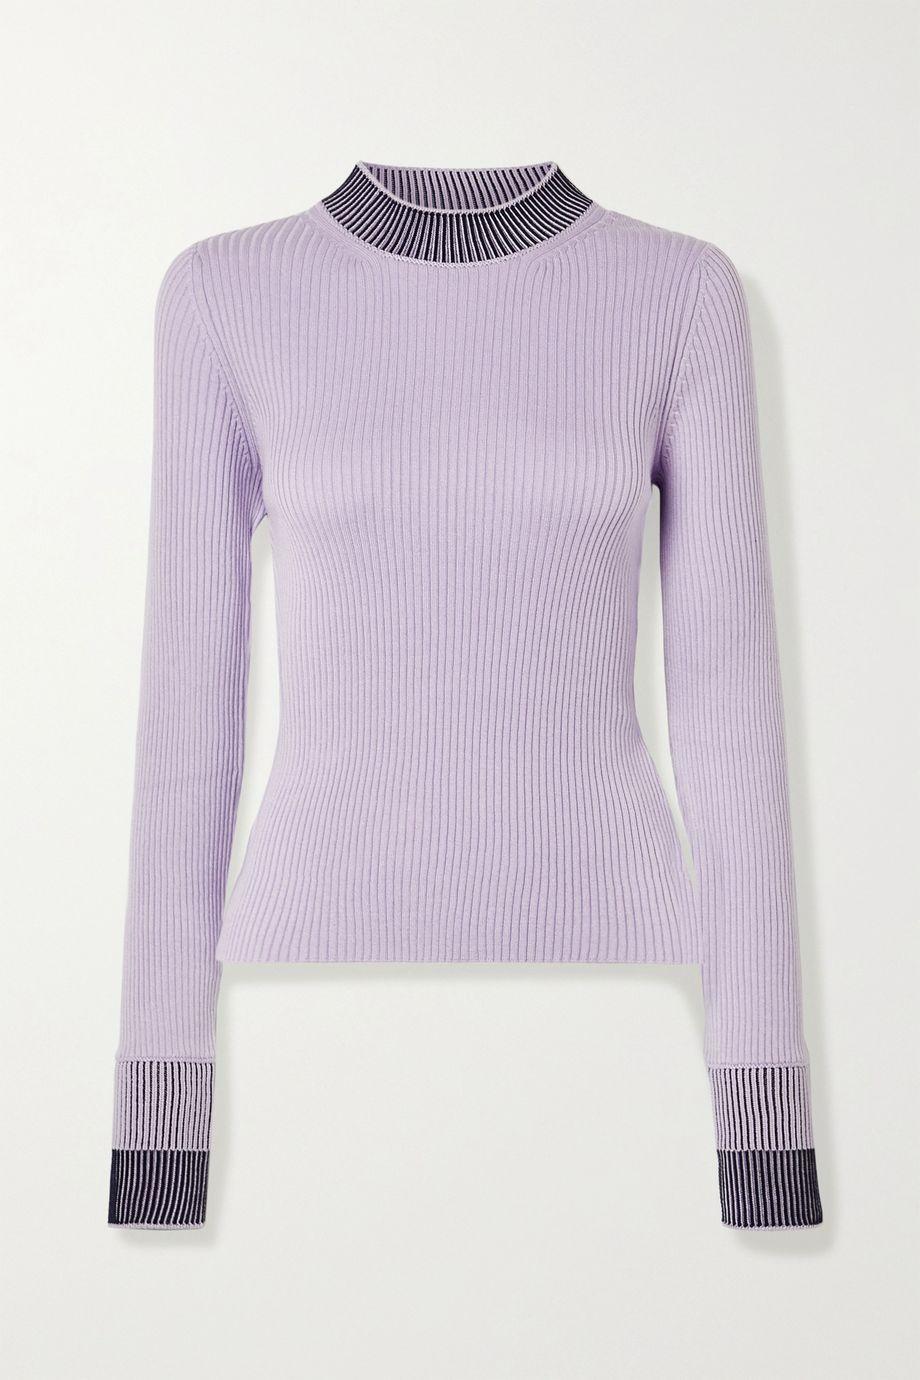 Maison Margiela 罗纹棉质混纺毛衣